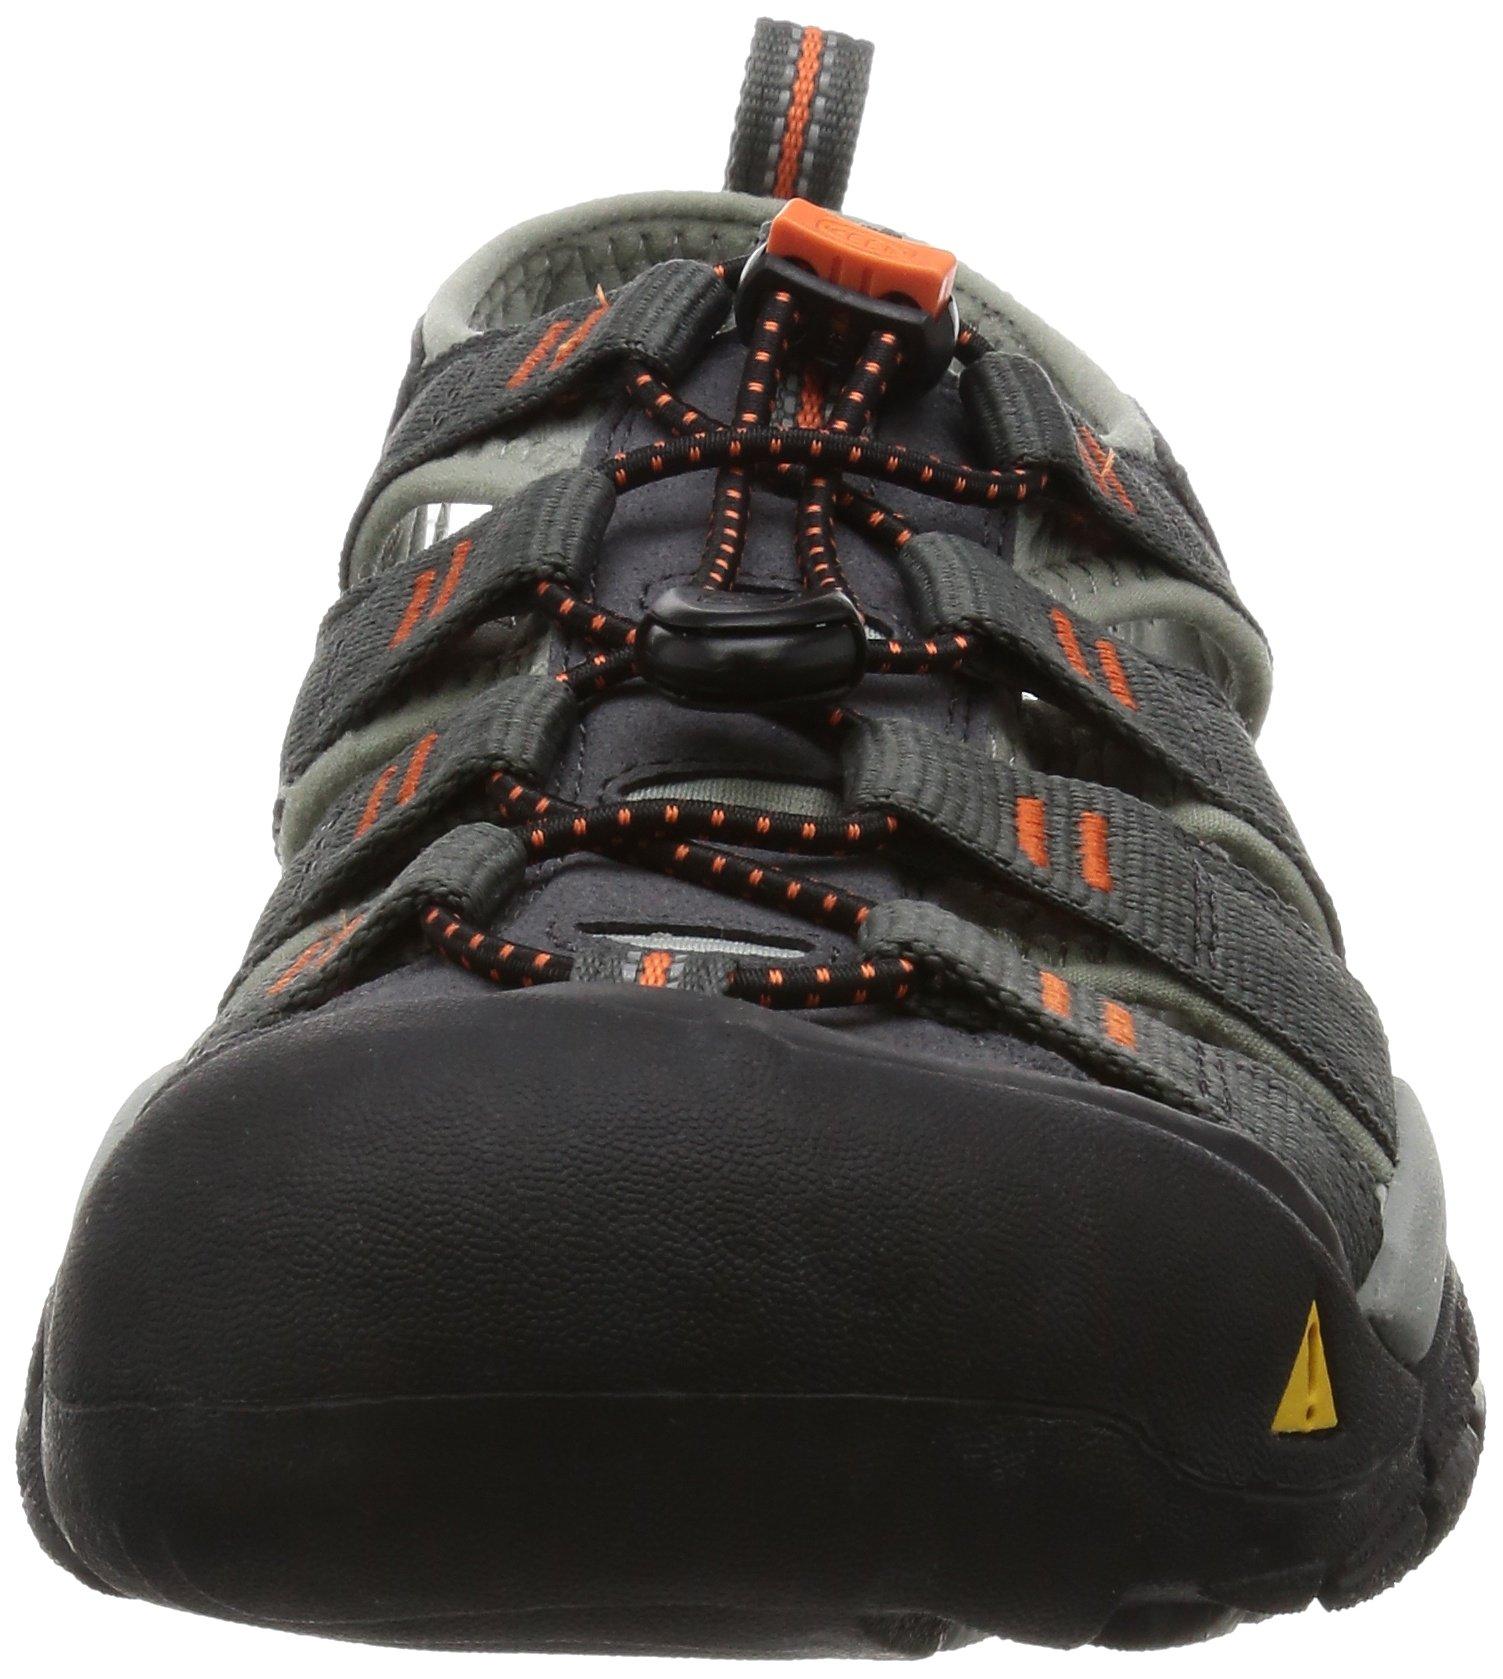 KEEN Men's Newport H2 Hiking Shoe, Magnet/Nasturtium, 15 M US by Keen (Image #4)